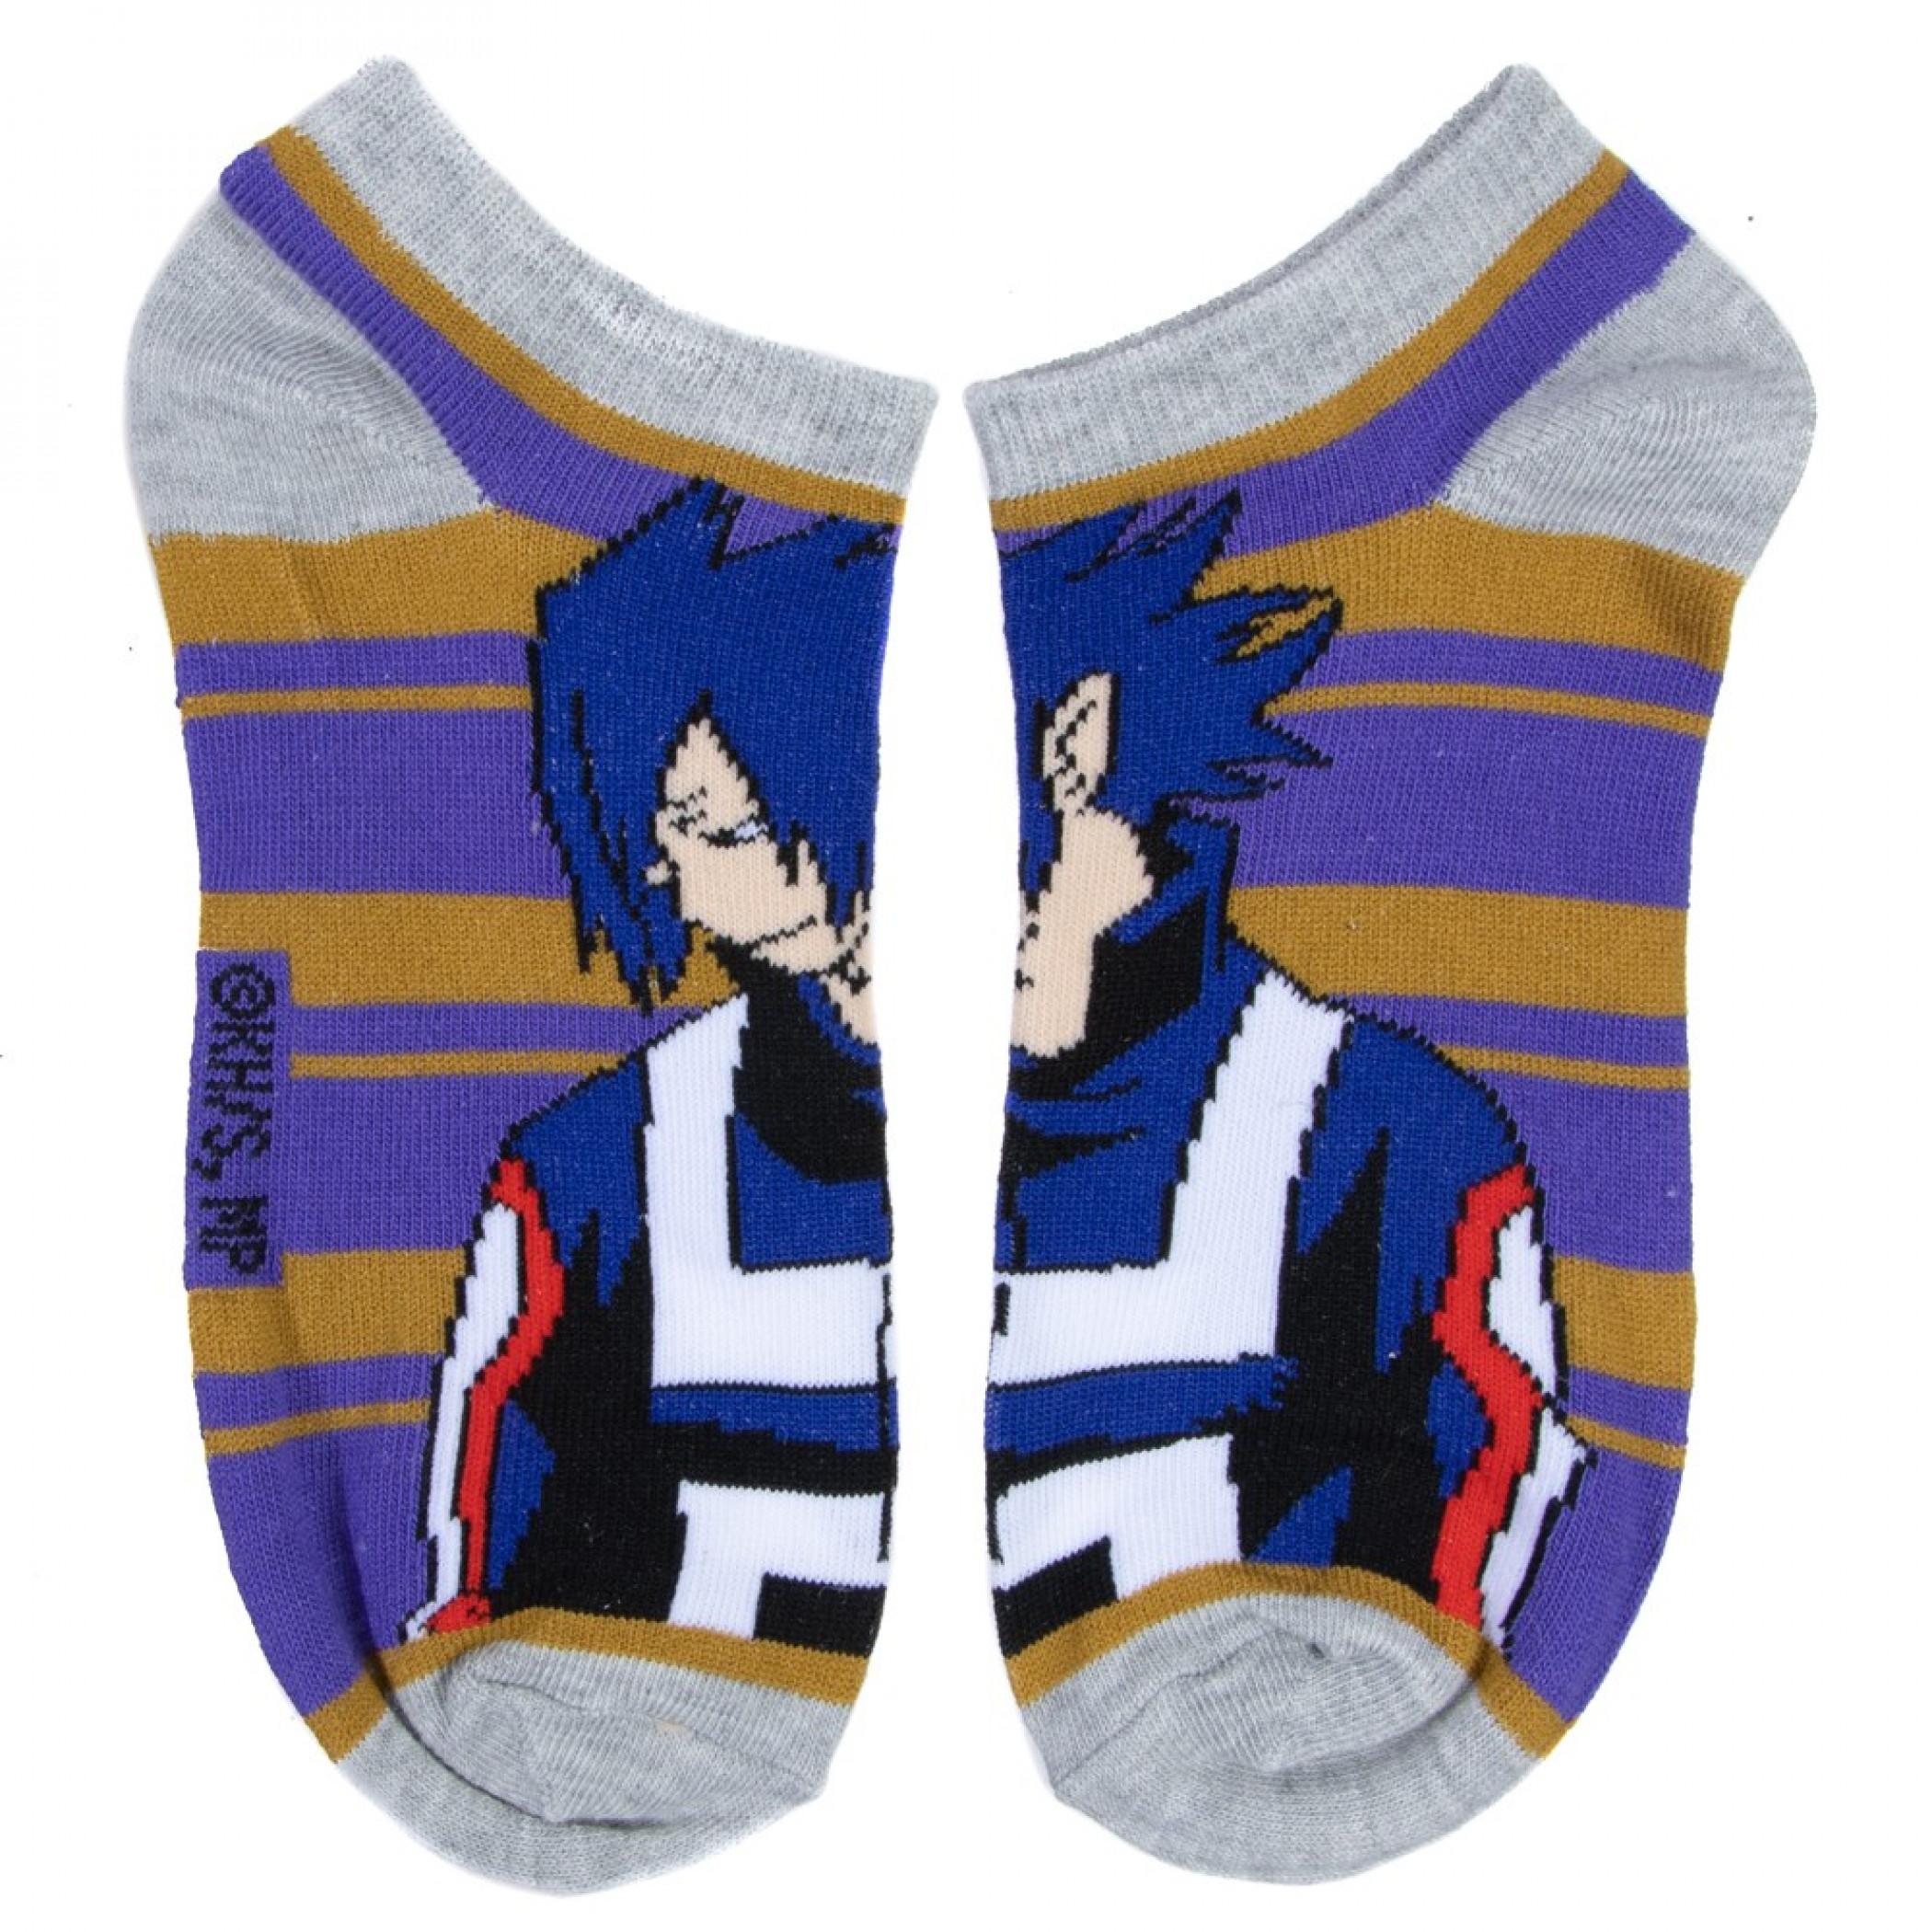 My Hero Academia 5-Pair Pack Ankle Socks